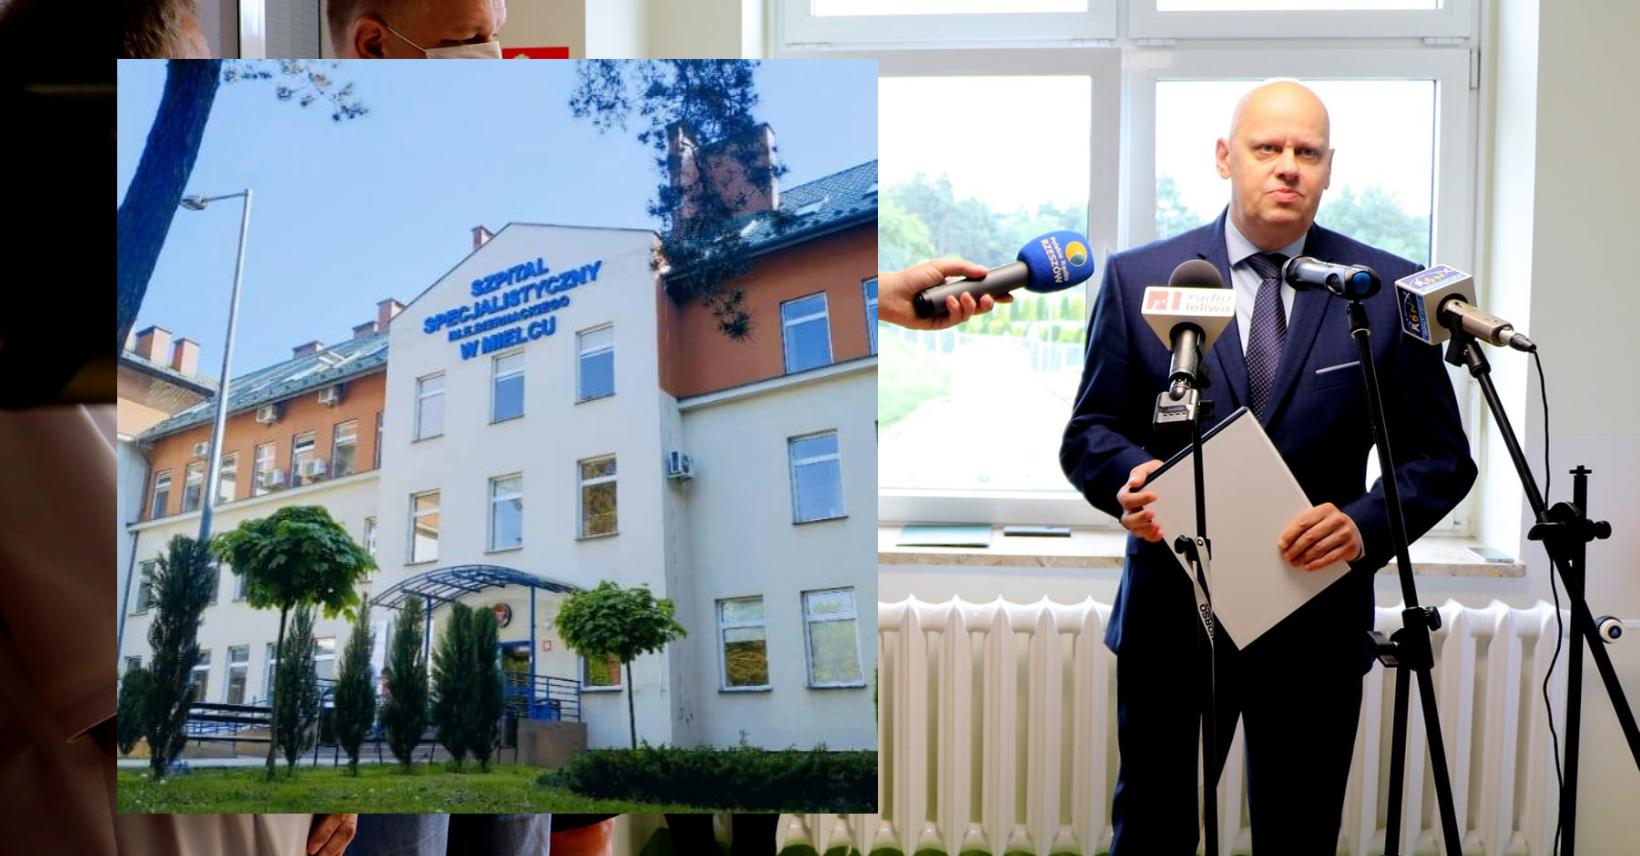 Komisja konkursowa wybrała Zbigniewa Torbusa na dyrektora mieleckiego szpitala  - Zdjęcie główne